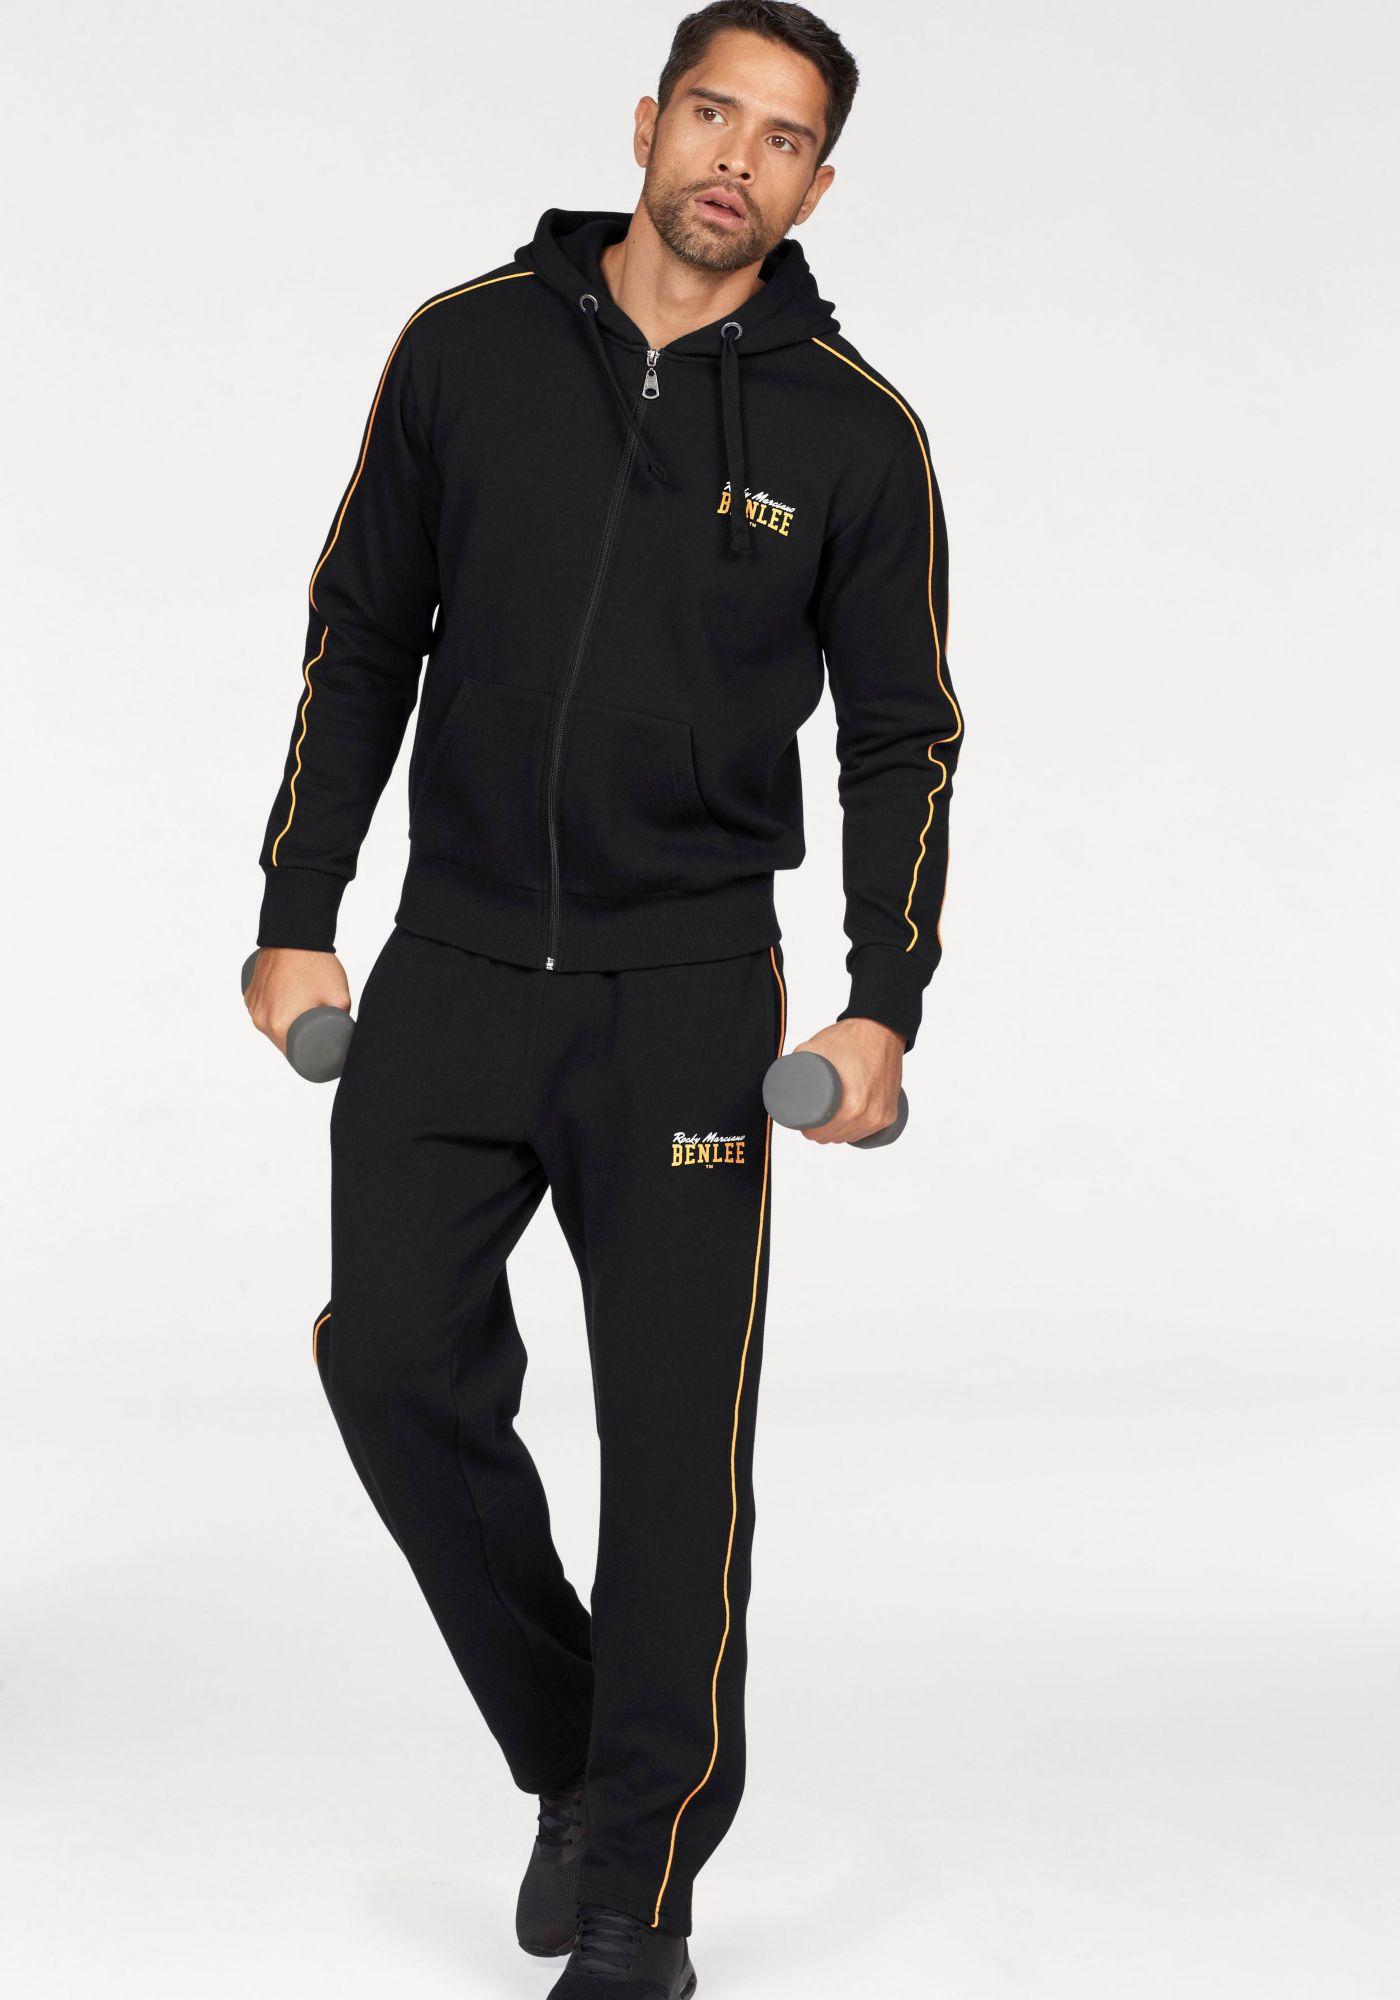 BENLEE ROCKY MARCIANO Benlee Rocky Marciano Jogginganzug »JOGGINGANZUG FERRON«